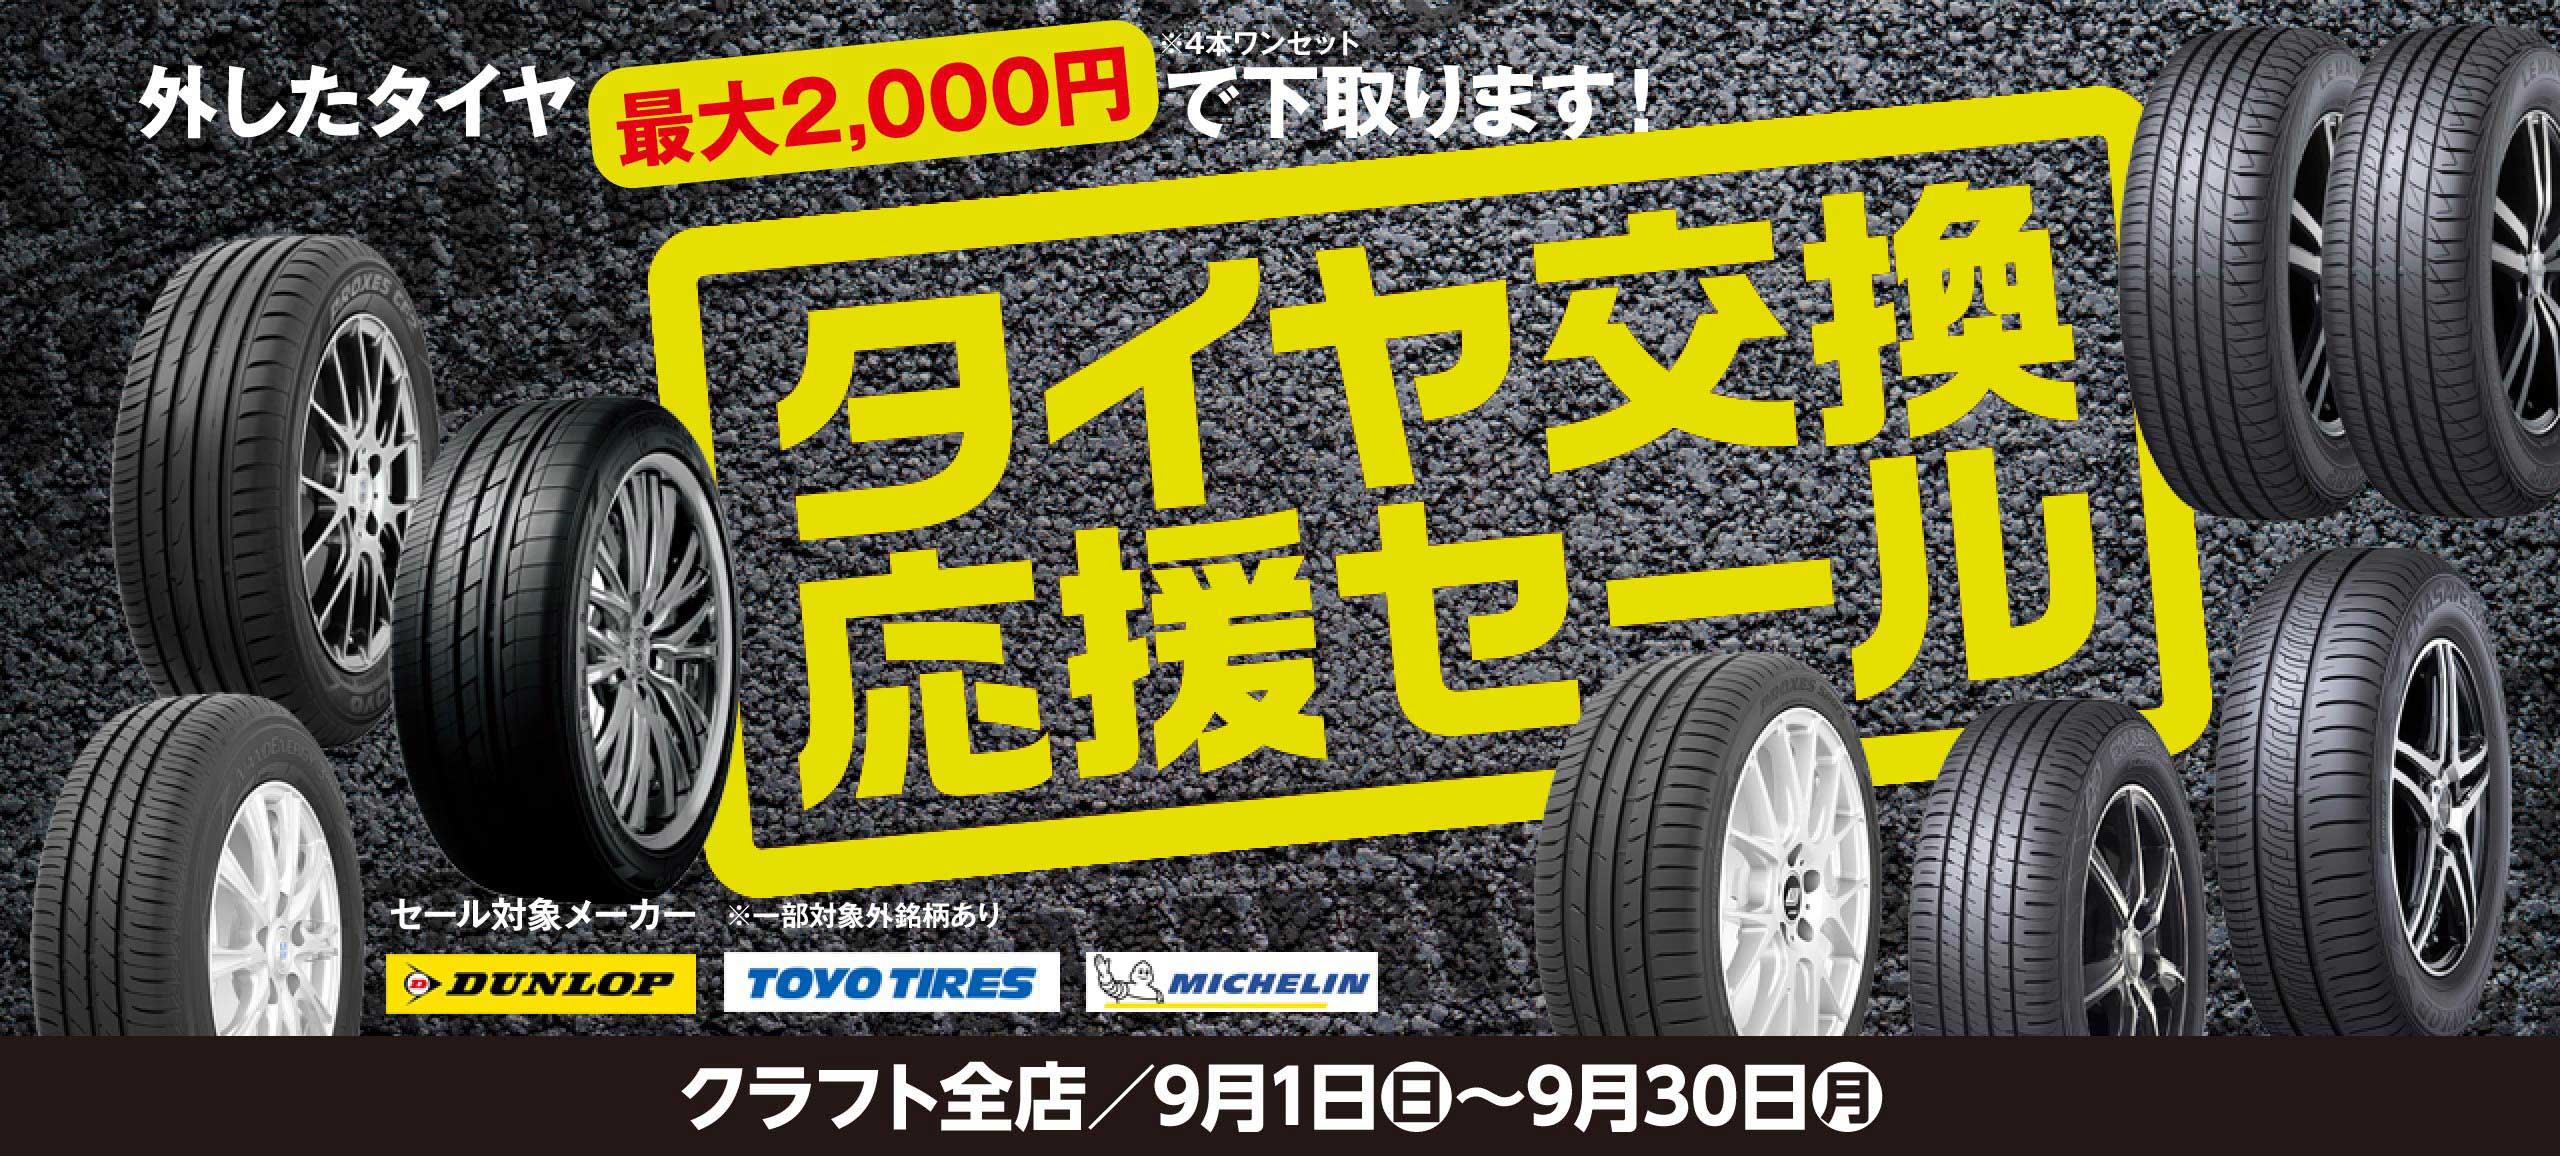 外したタイヤ下取ります! タイヤ交換応援セール